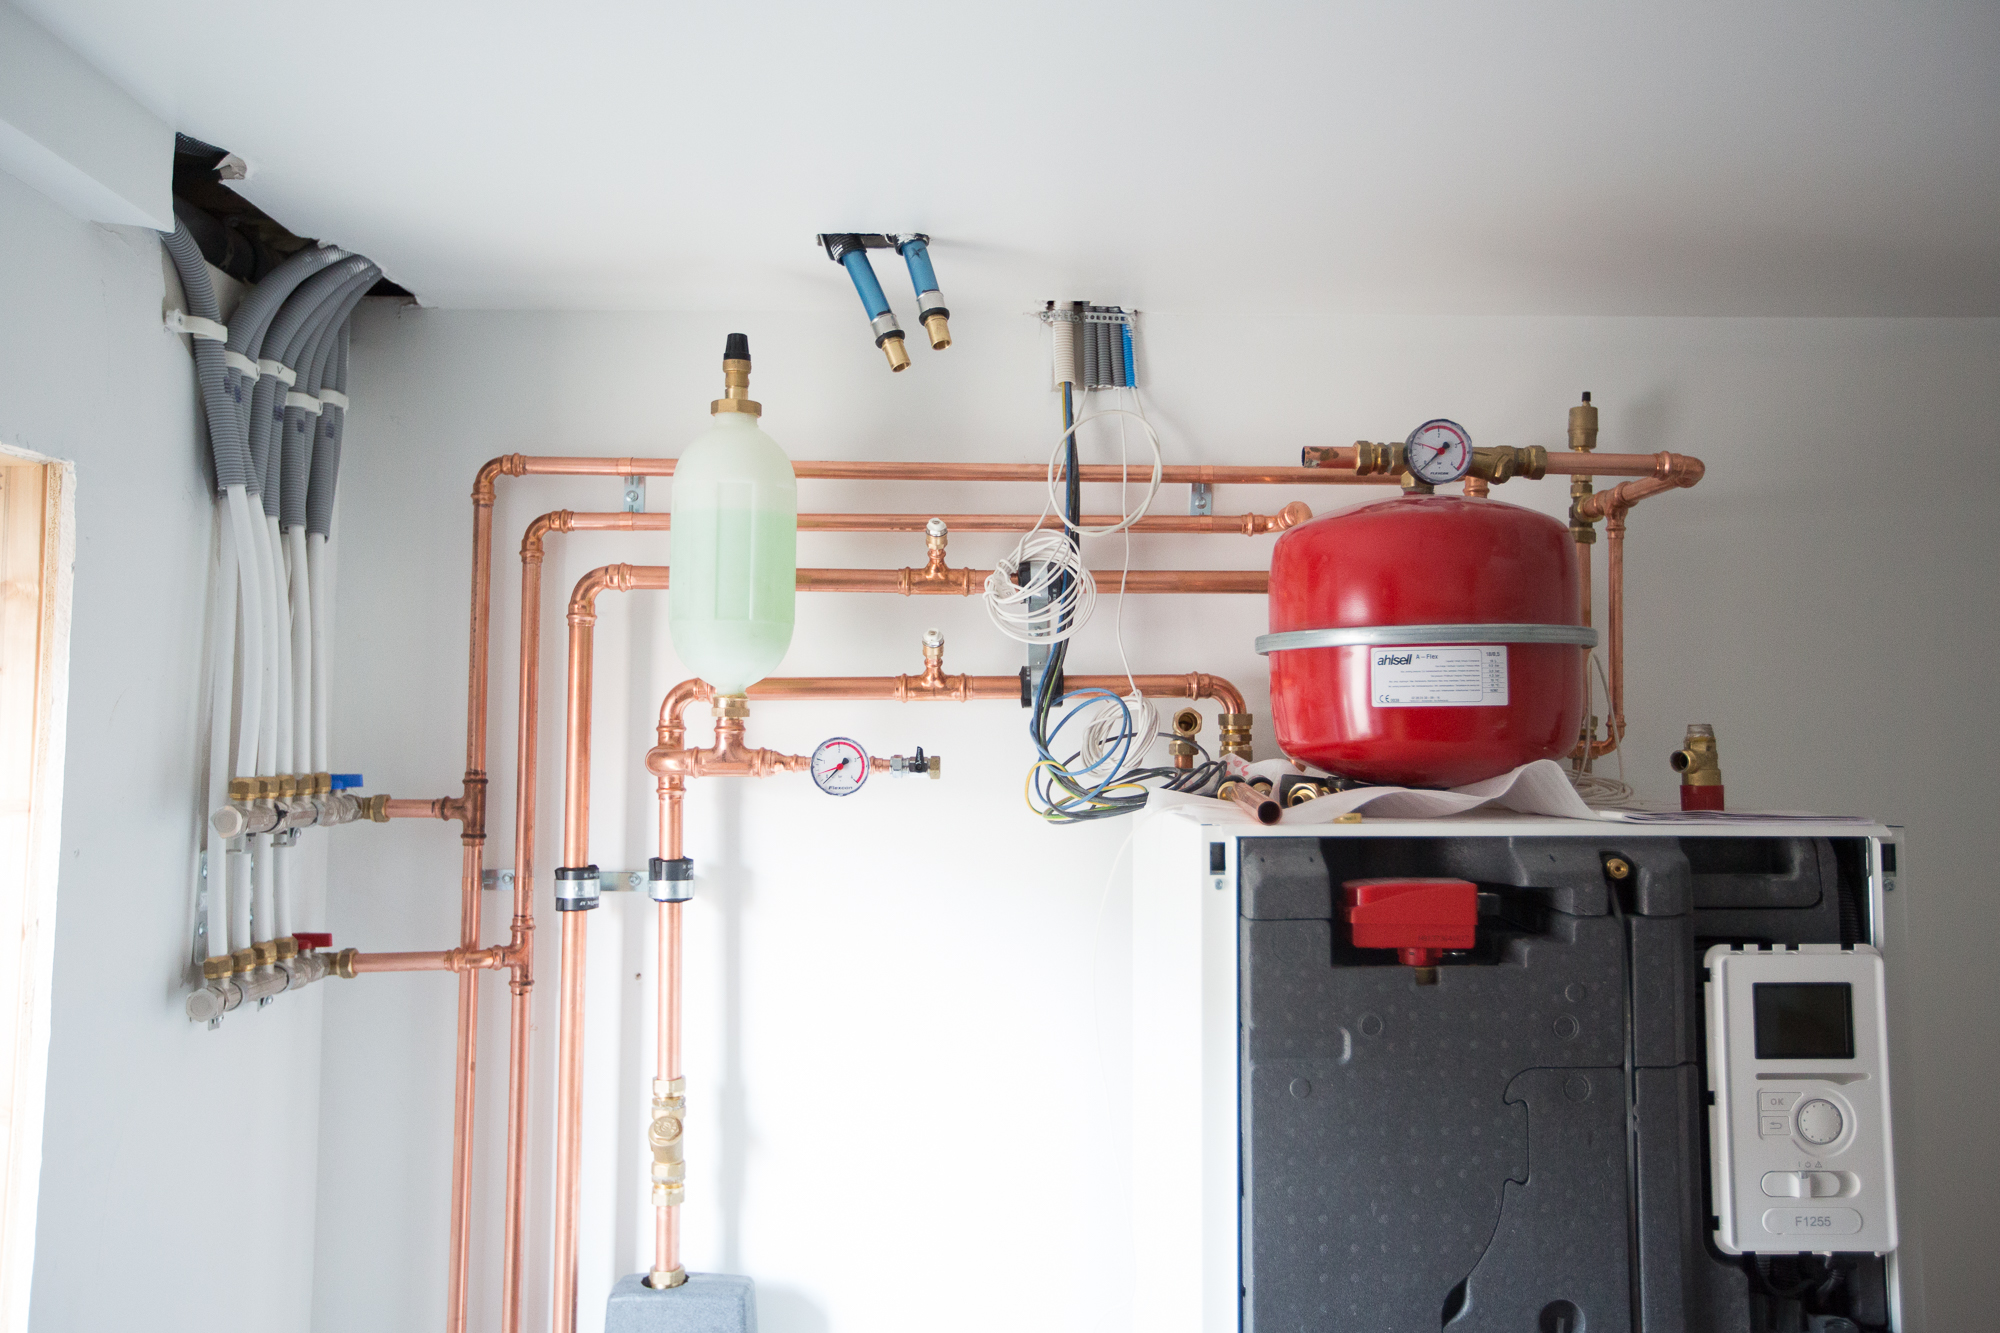 Värmepannan snart färdiginstallerad och redo att tas i bruk.  Pump: Nibe F1255 6 kW (bergvärme).